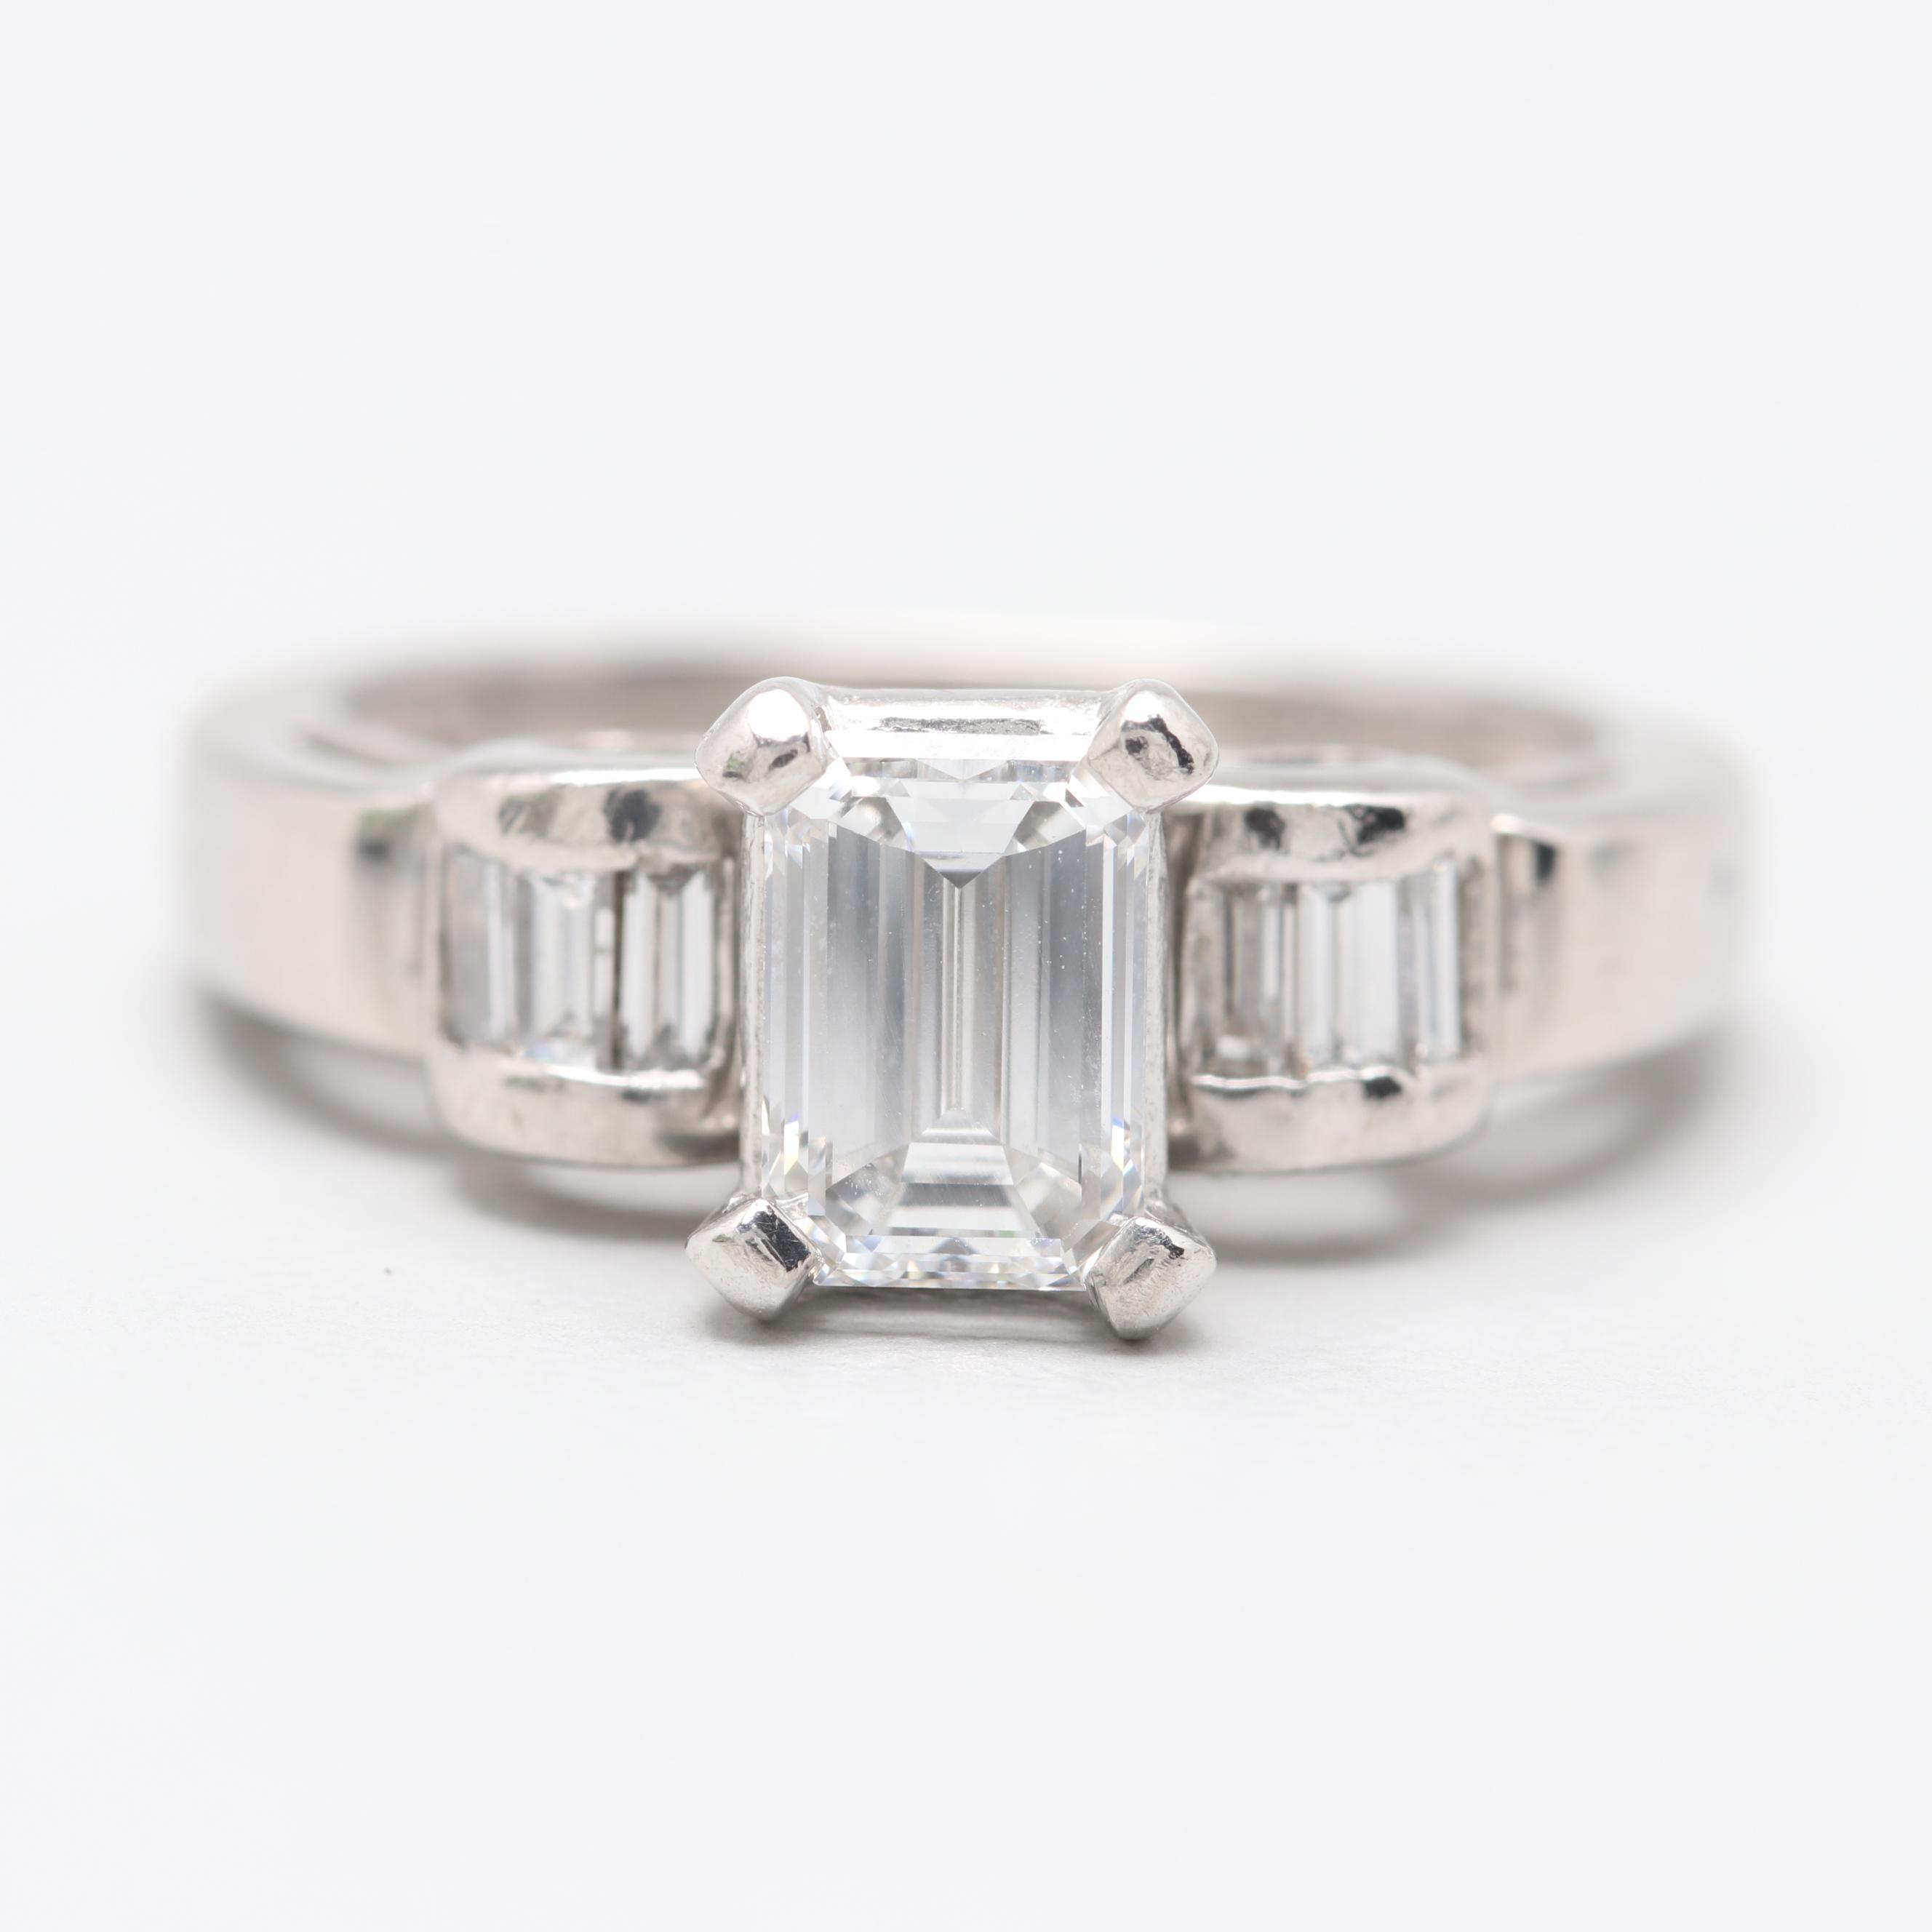 Platinum 1.16 CTW Diamond Ring